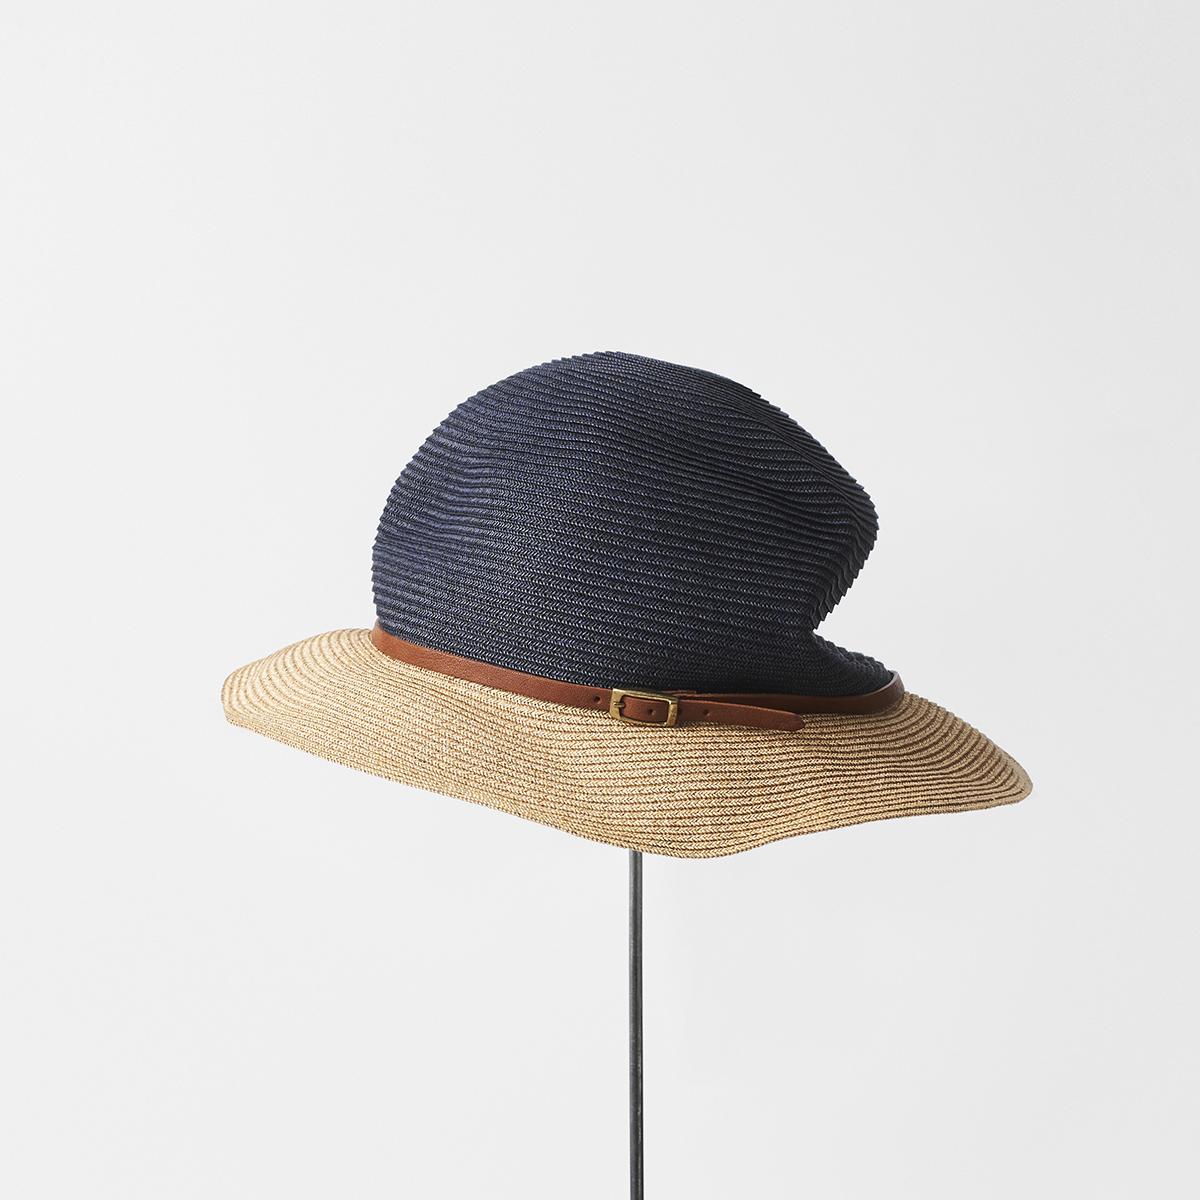 BOXED HAT 6.5cm brim 2tone color leather belt